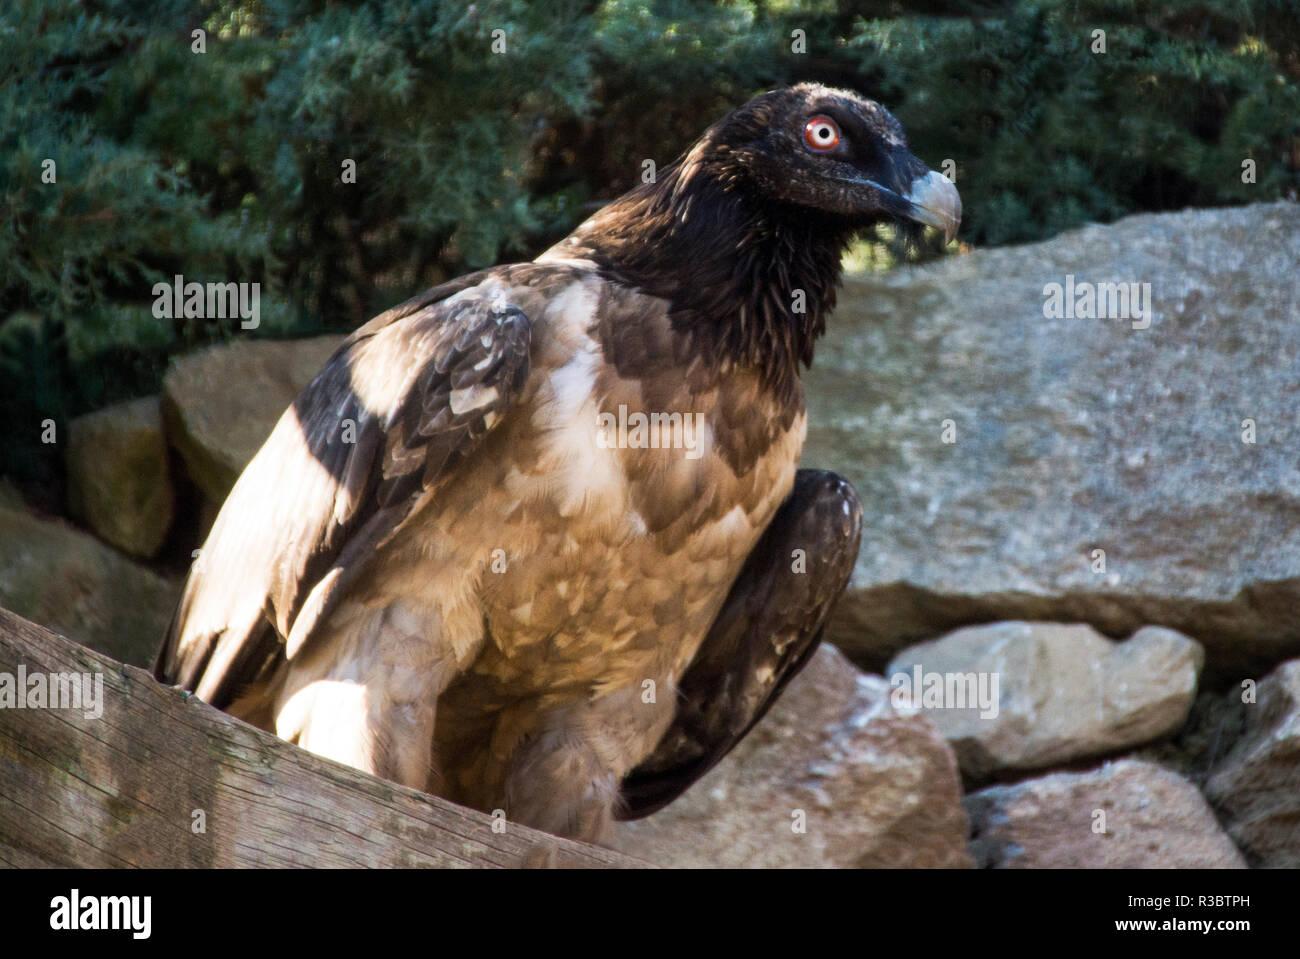 Gypaète gypaète ou (LIC)).C'est un oiseaux immatures blessés mis en captivité pour sauver sa vie. Photo Stock